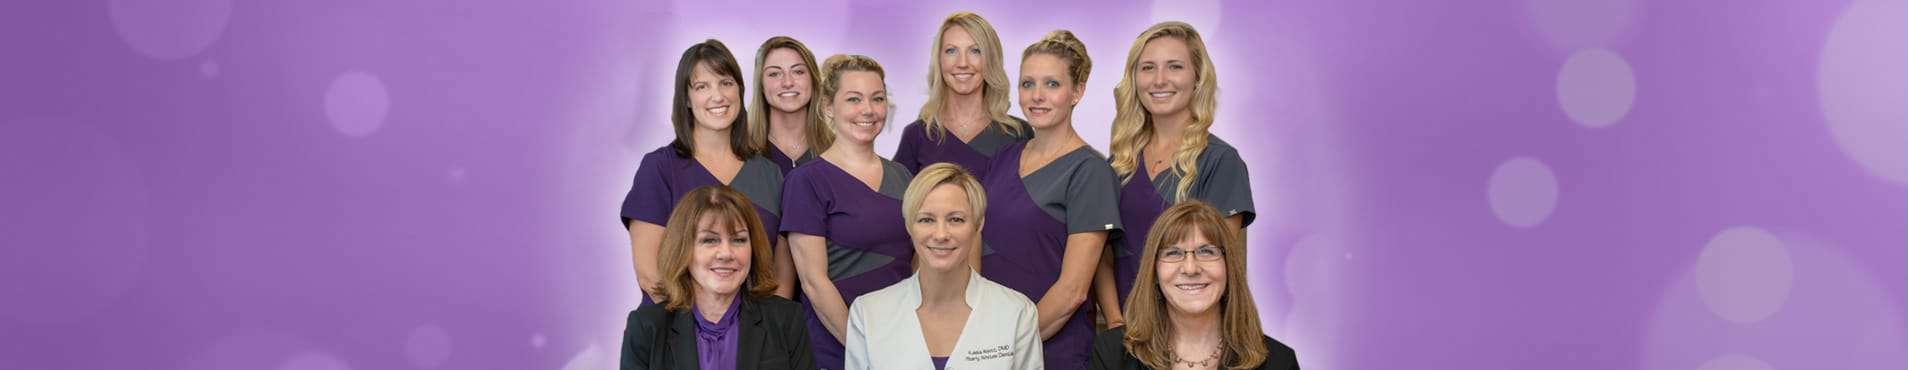 Dental Crowns Dentist Serving Mercerville